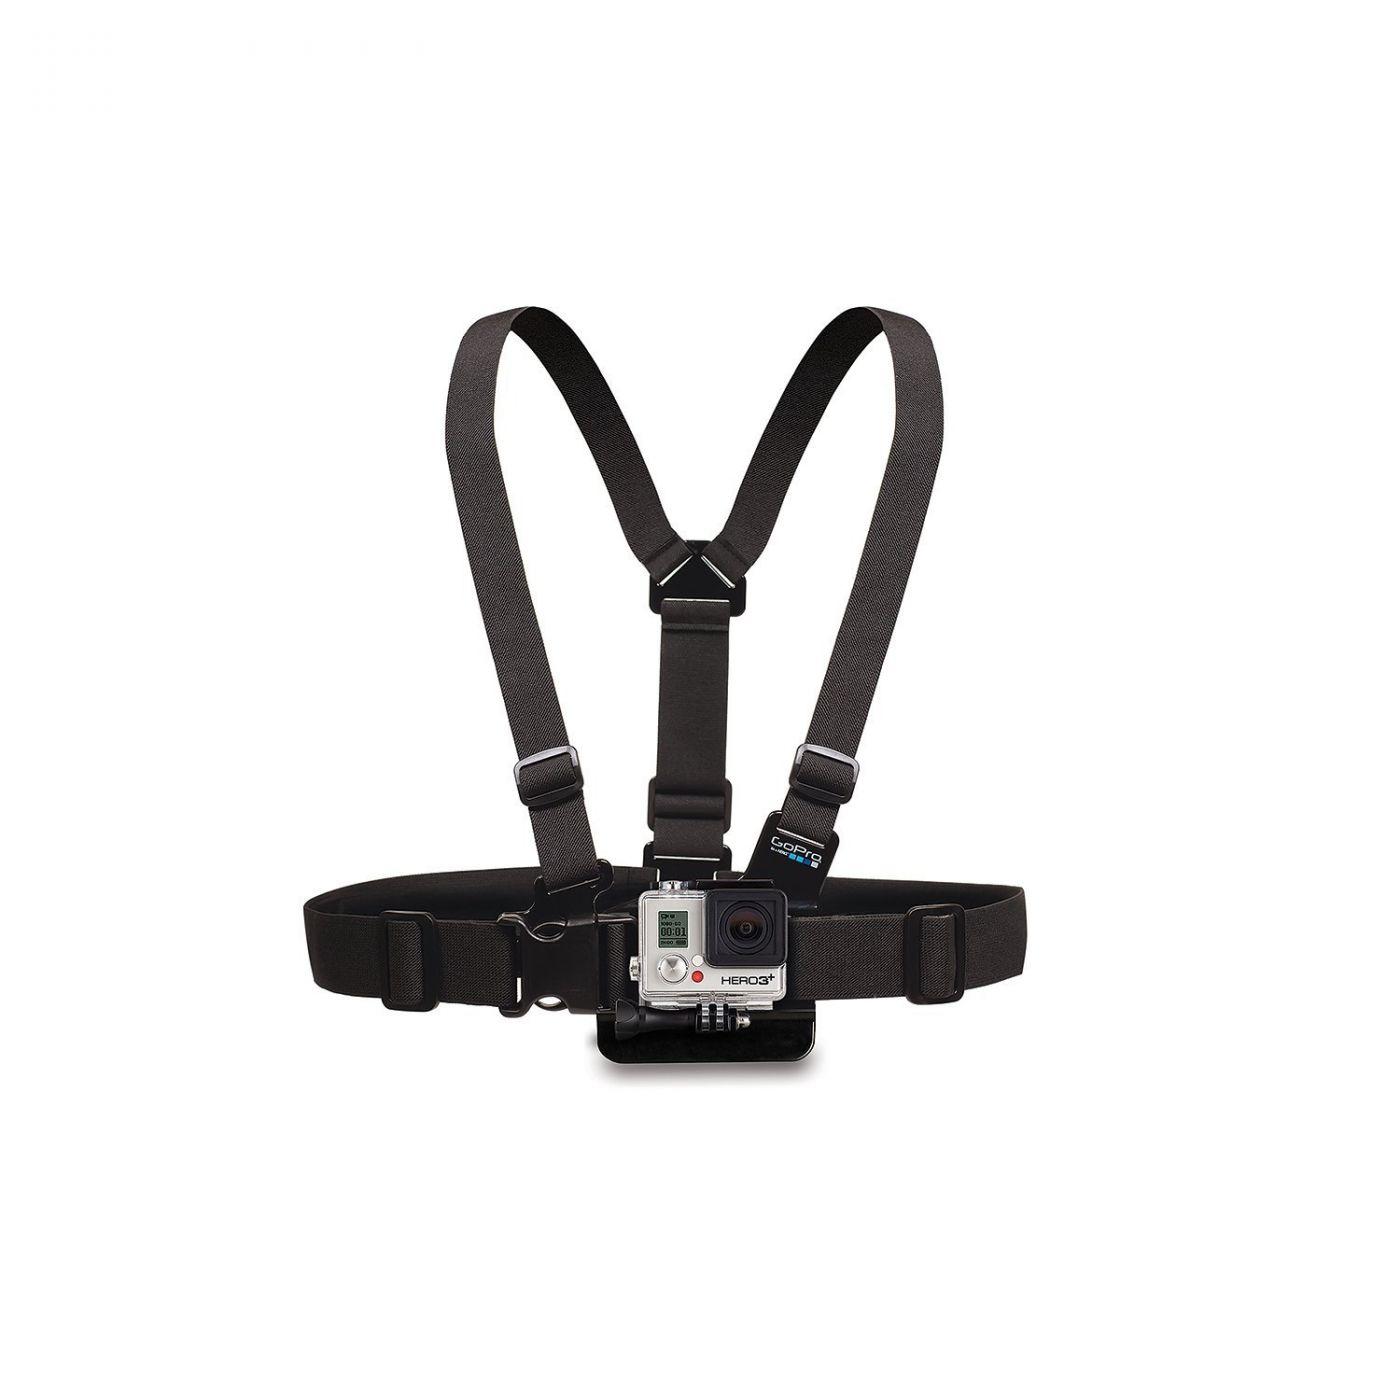 Комплект крепления камеры на грудь KingMa Chest Mount для GoPro /SJcam /Xiaomi